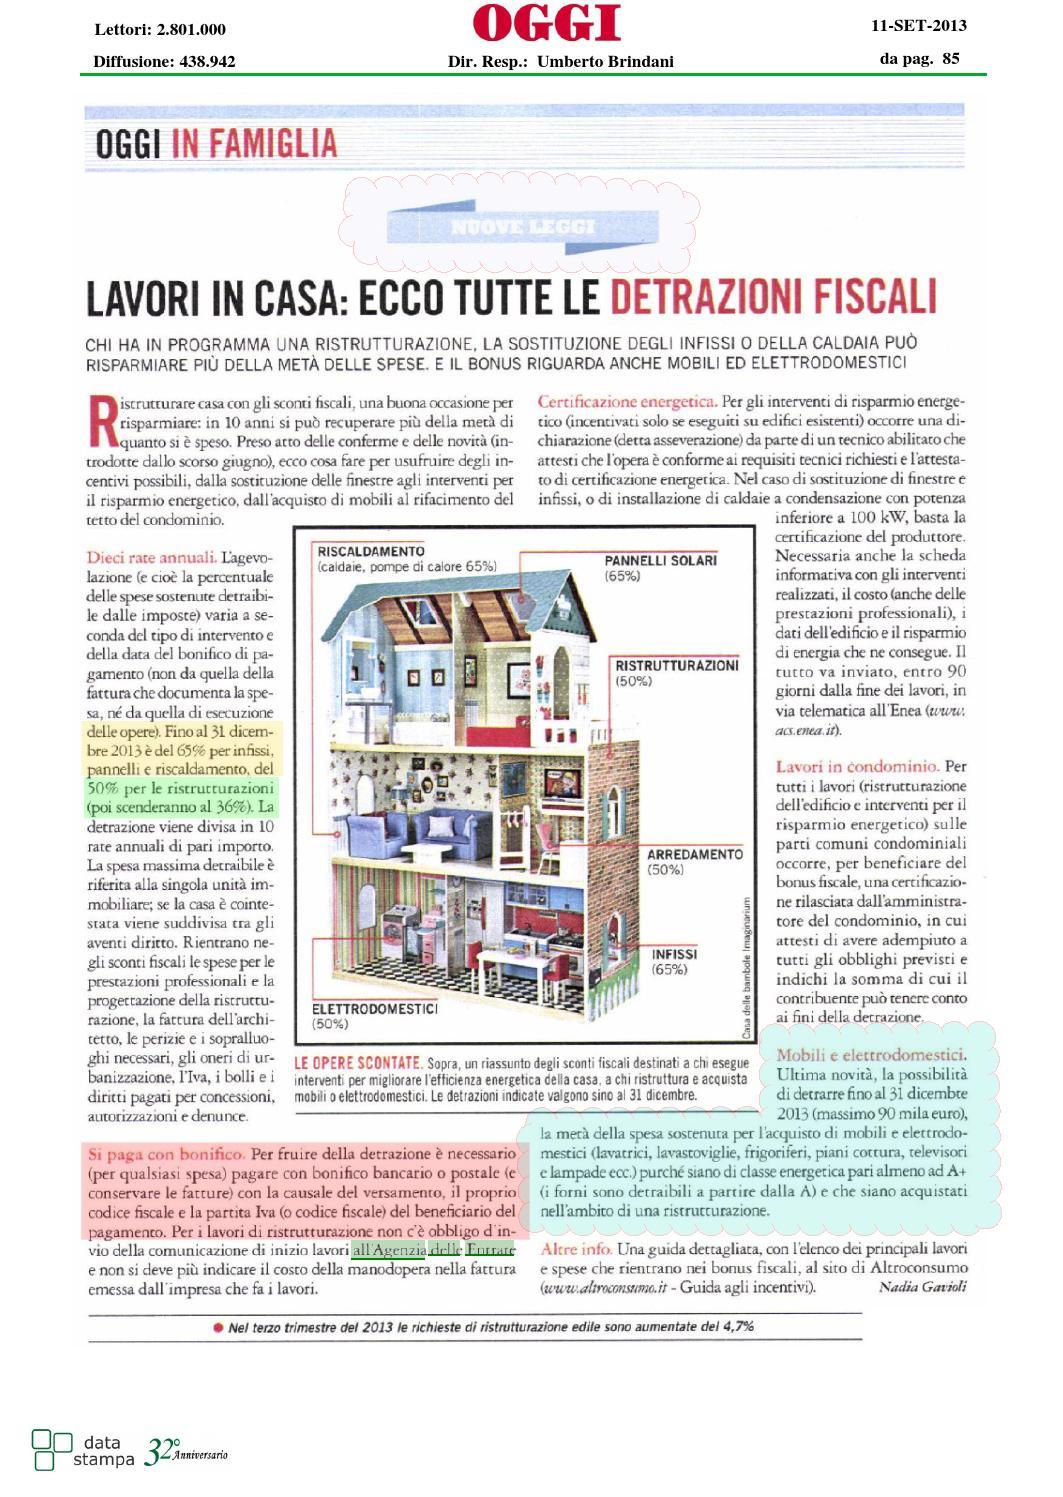 Lavori in casa ecco tutte le detrazioni fiscali by mike issuu - Detrazioni fiscali ristrutturazione seconda casa ...